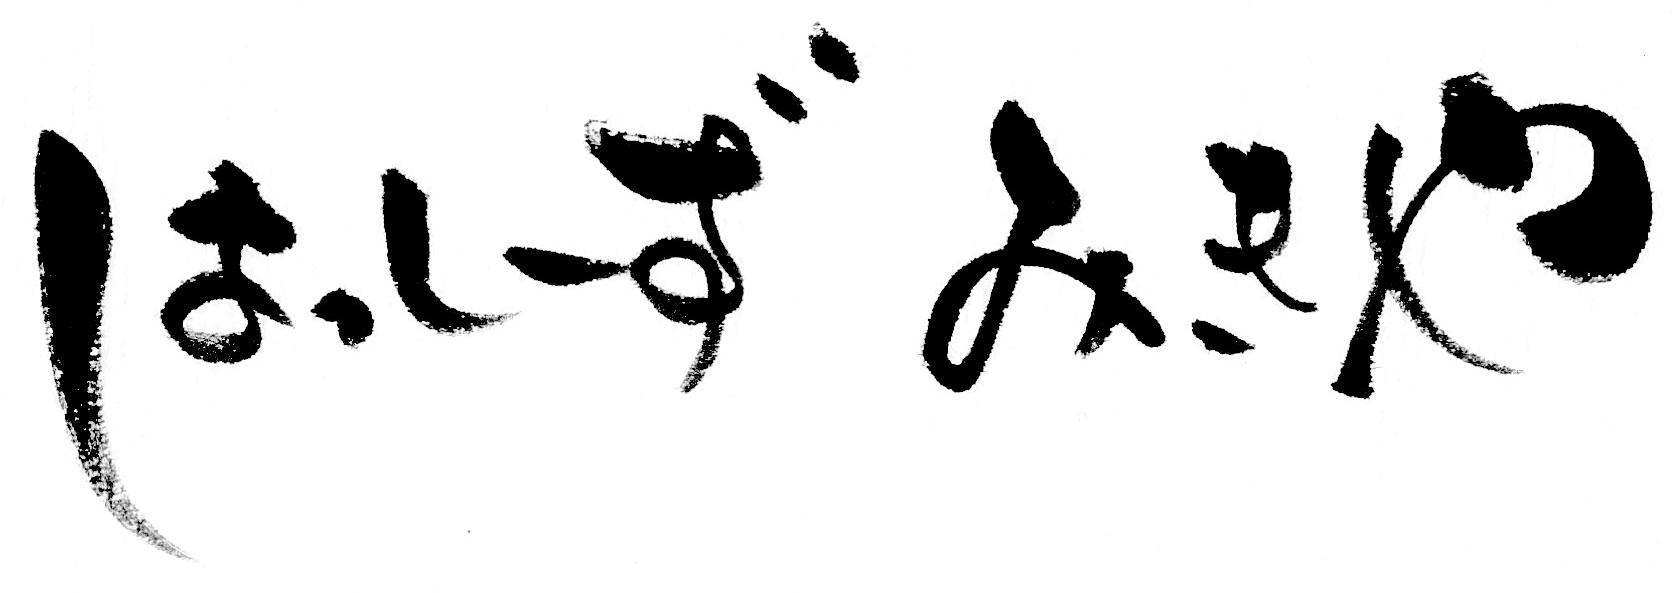 84's実輝弥(はっしーずみきや)